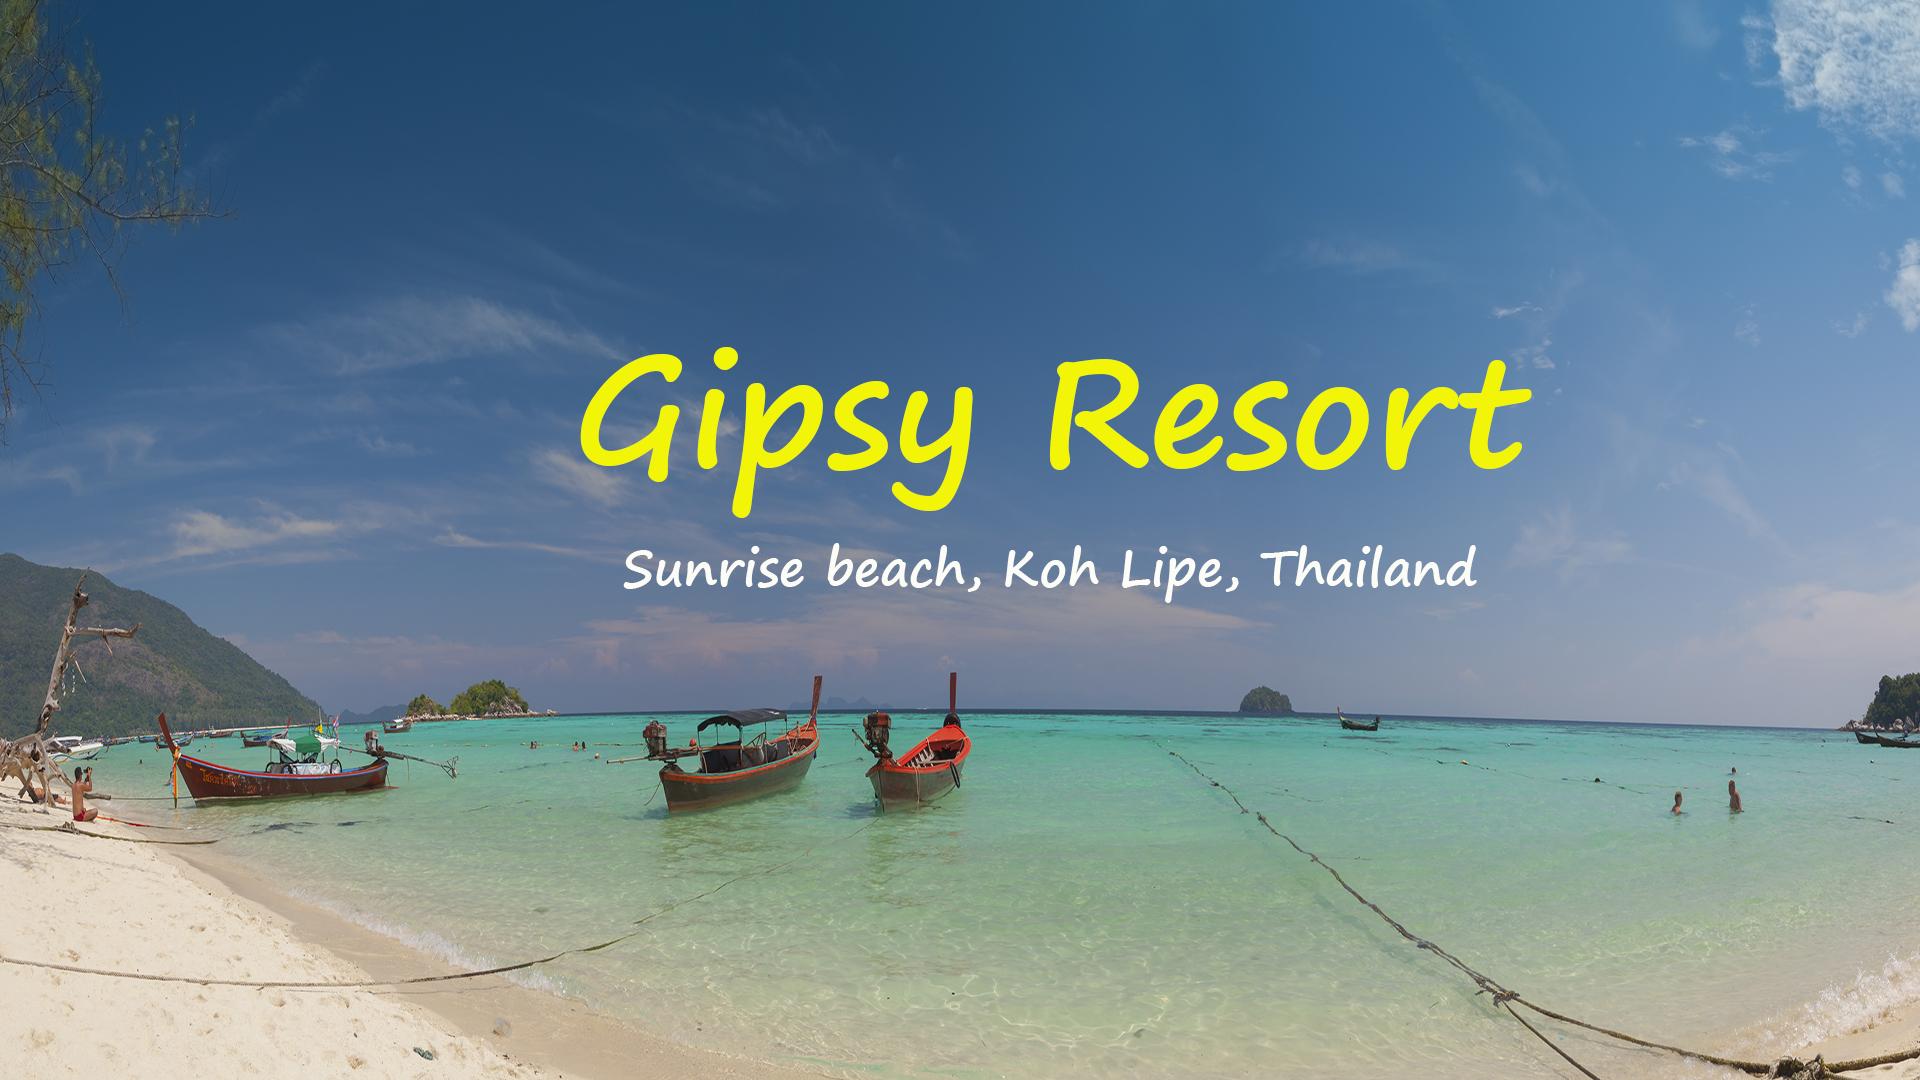 Видео обзор территории и двухместных каменных бунгало Gipsy Resort